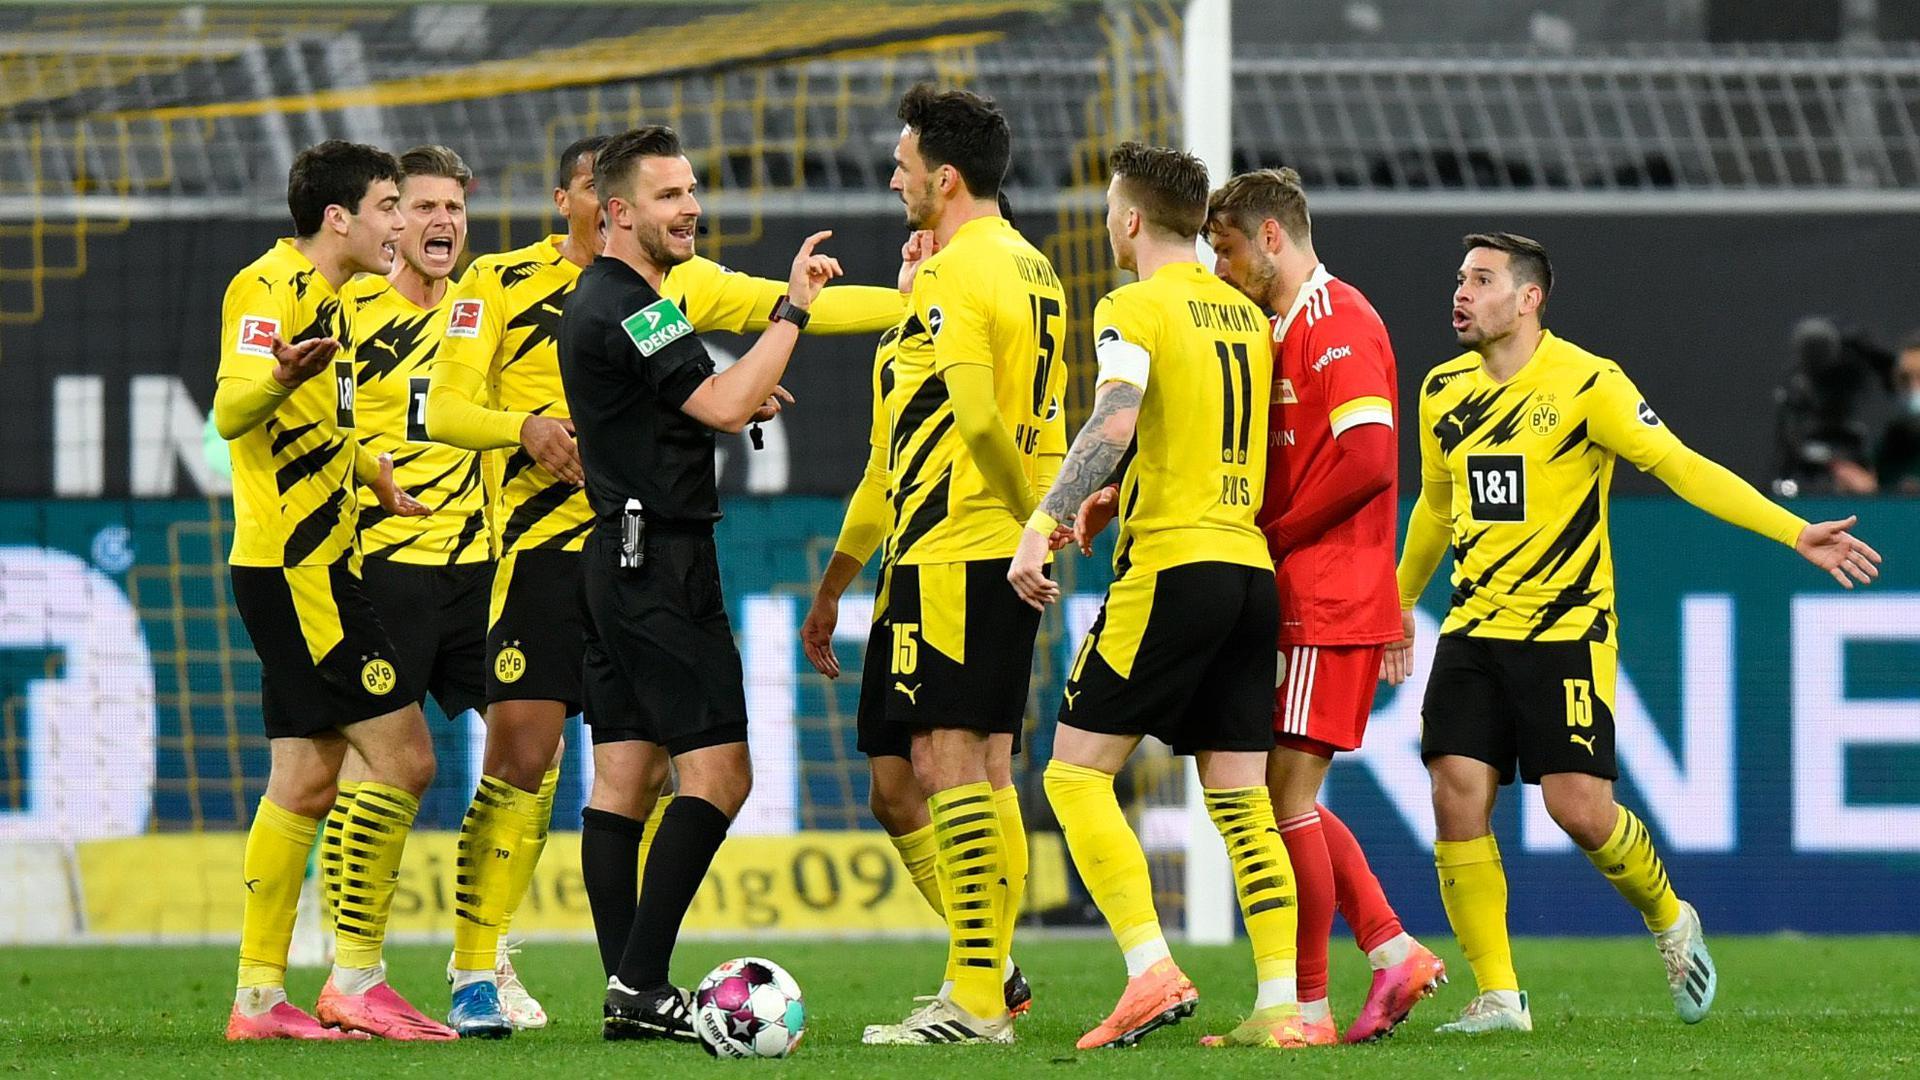 Die gelbe Wand: Schiedsrichter Daniel Schlager und die Dortmunder Spieler um Mats Hummels (Vierter von rechts) und Marco Reus hatten sich am 30. Spieltag der vergangenen Bundesliga-Saison im Heimspiel des BVB gegen Union Berlin offensichtlich einiges zu sagen.